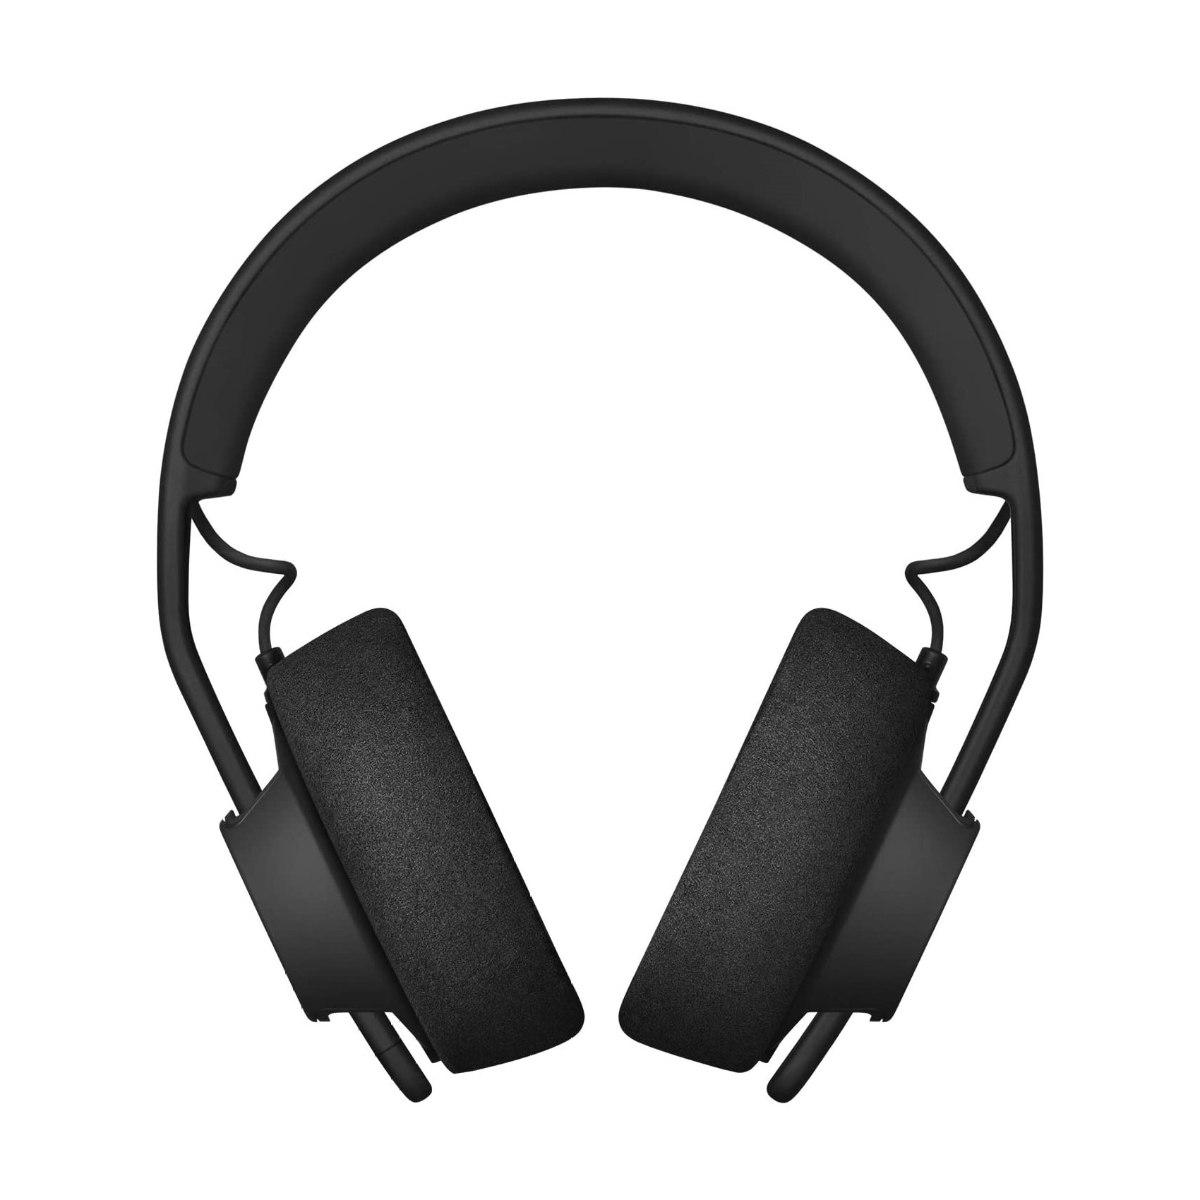 אוזניות אלחוטיות מקצועיות AIAIAI TMA-2 HD Wireless